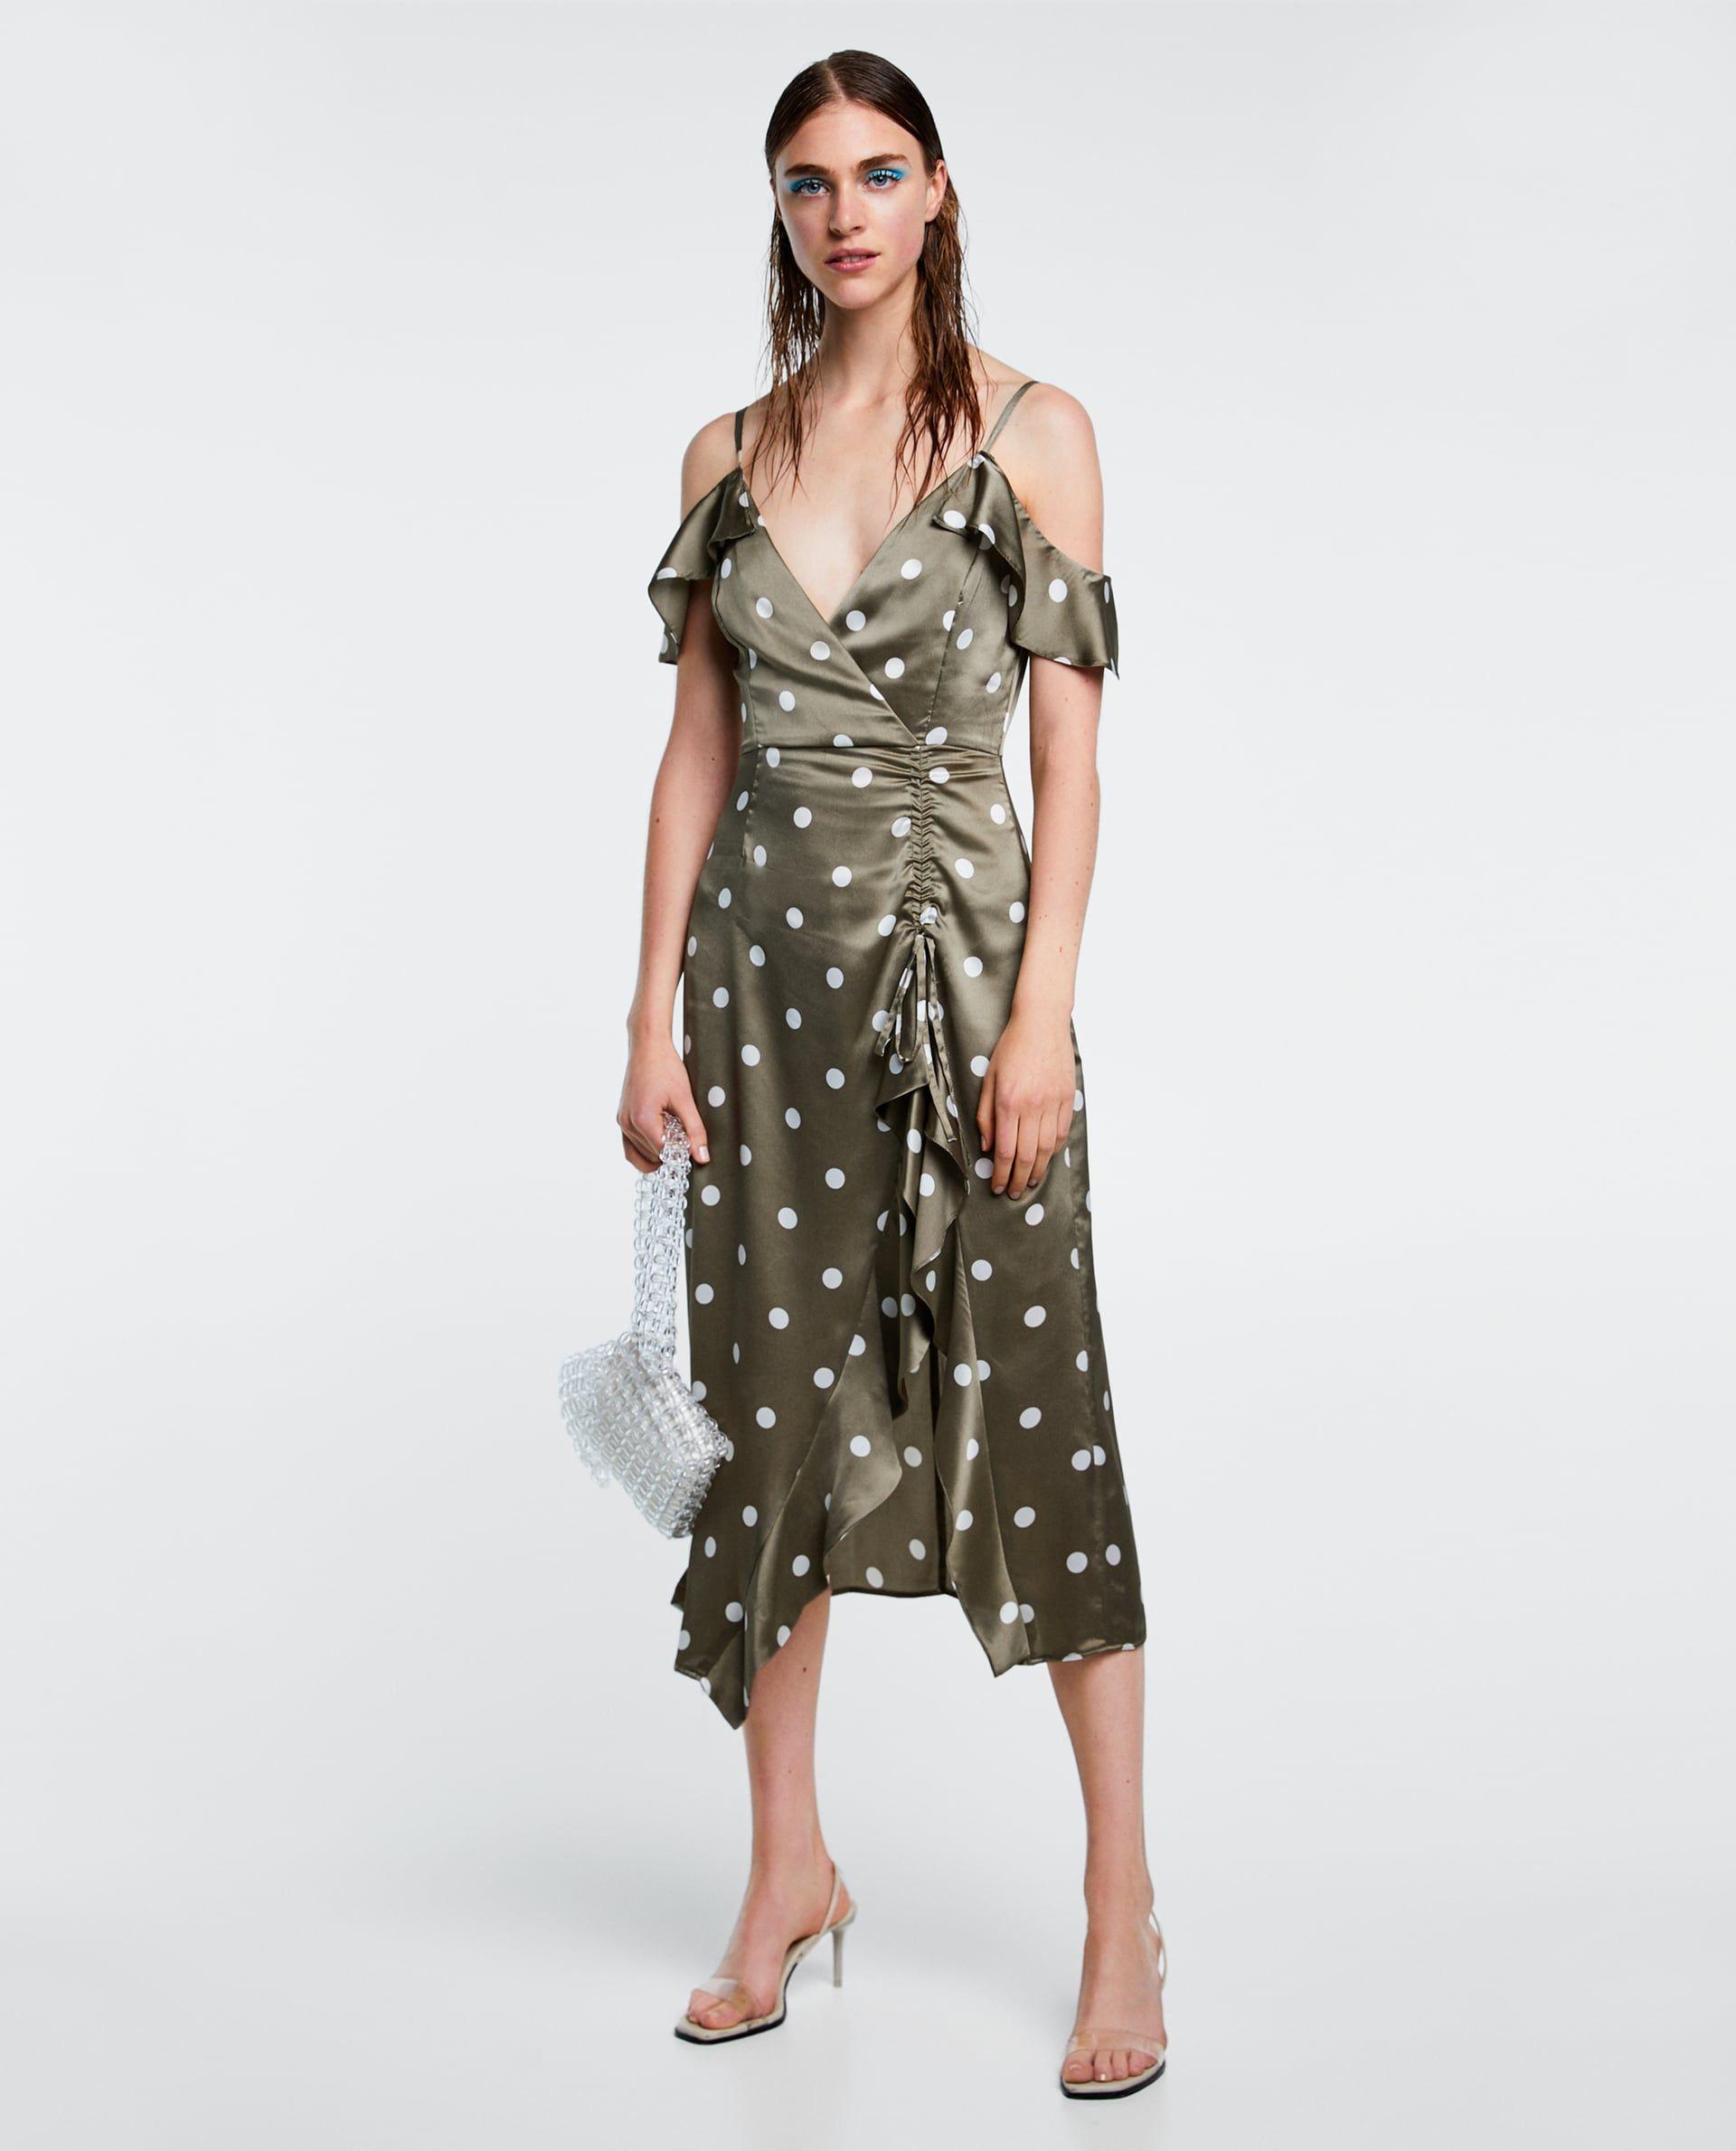 Dresses for dresses